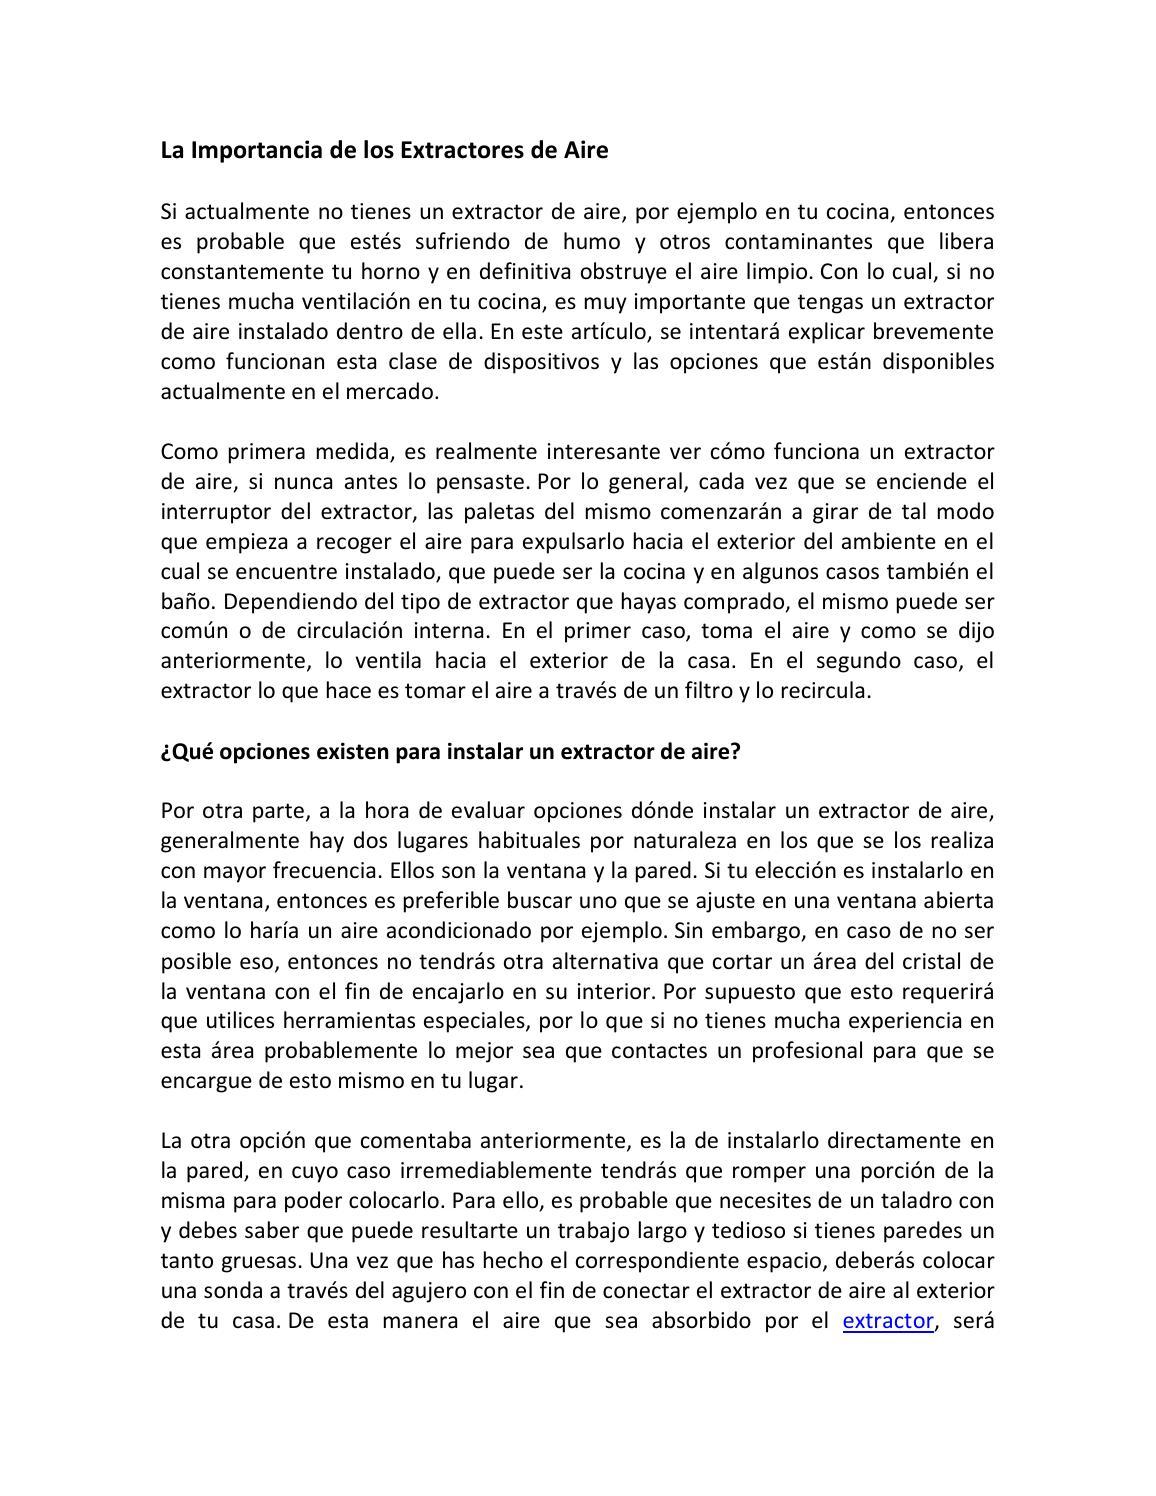 La importancia de los extractores de aire by and19 issuu - Extractores de aire ...